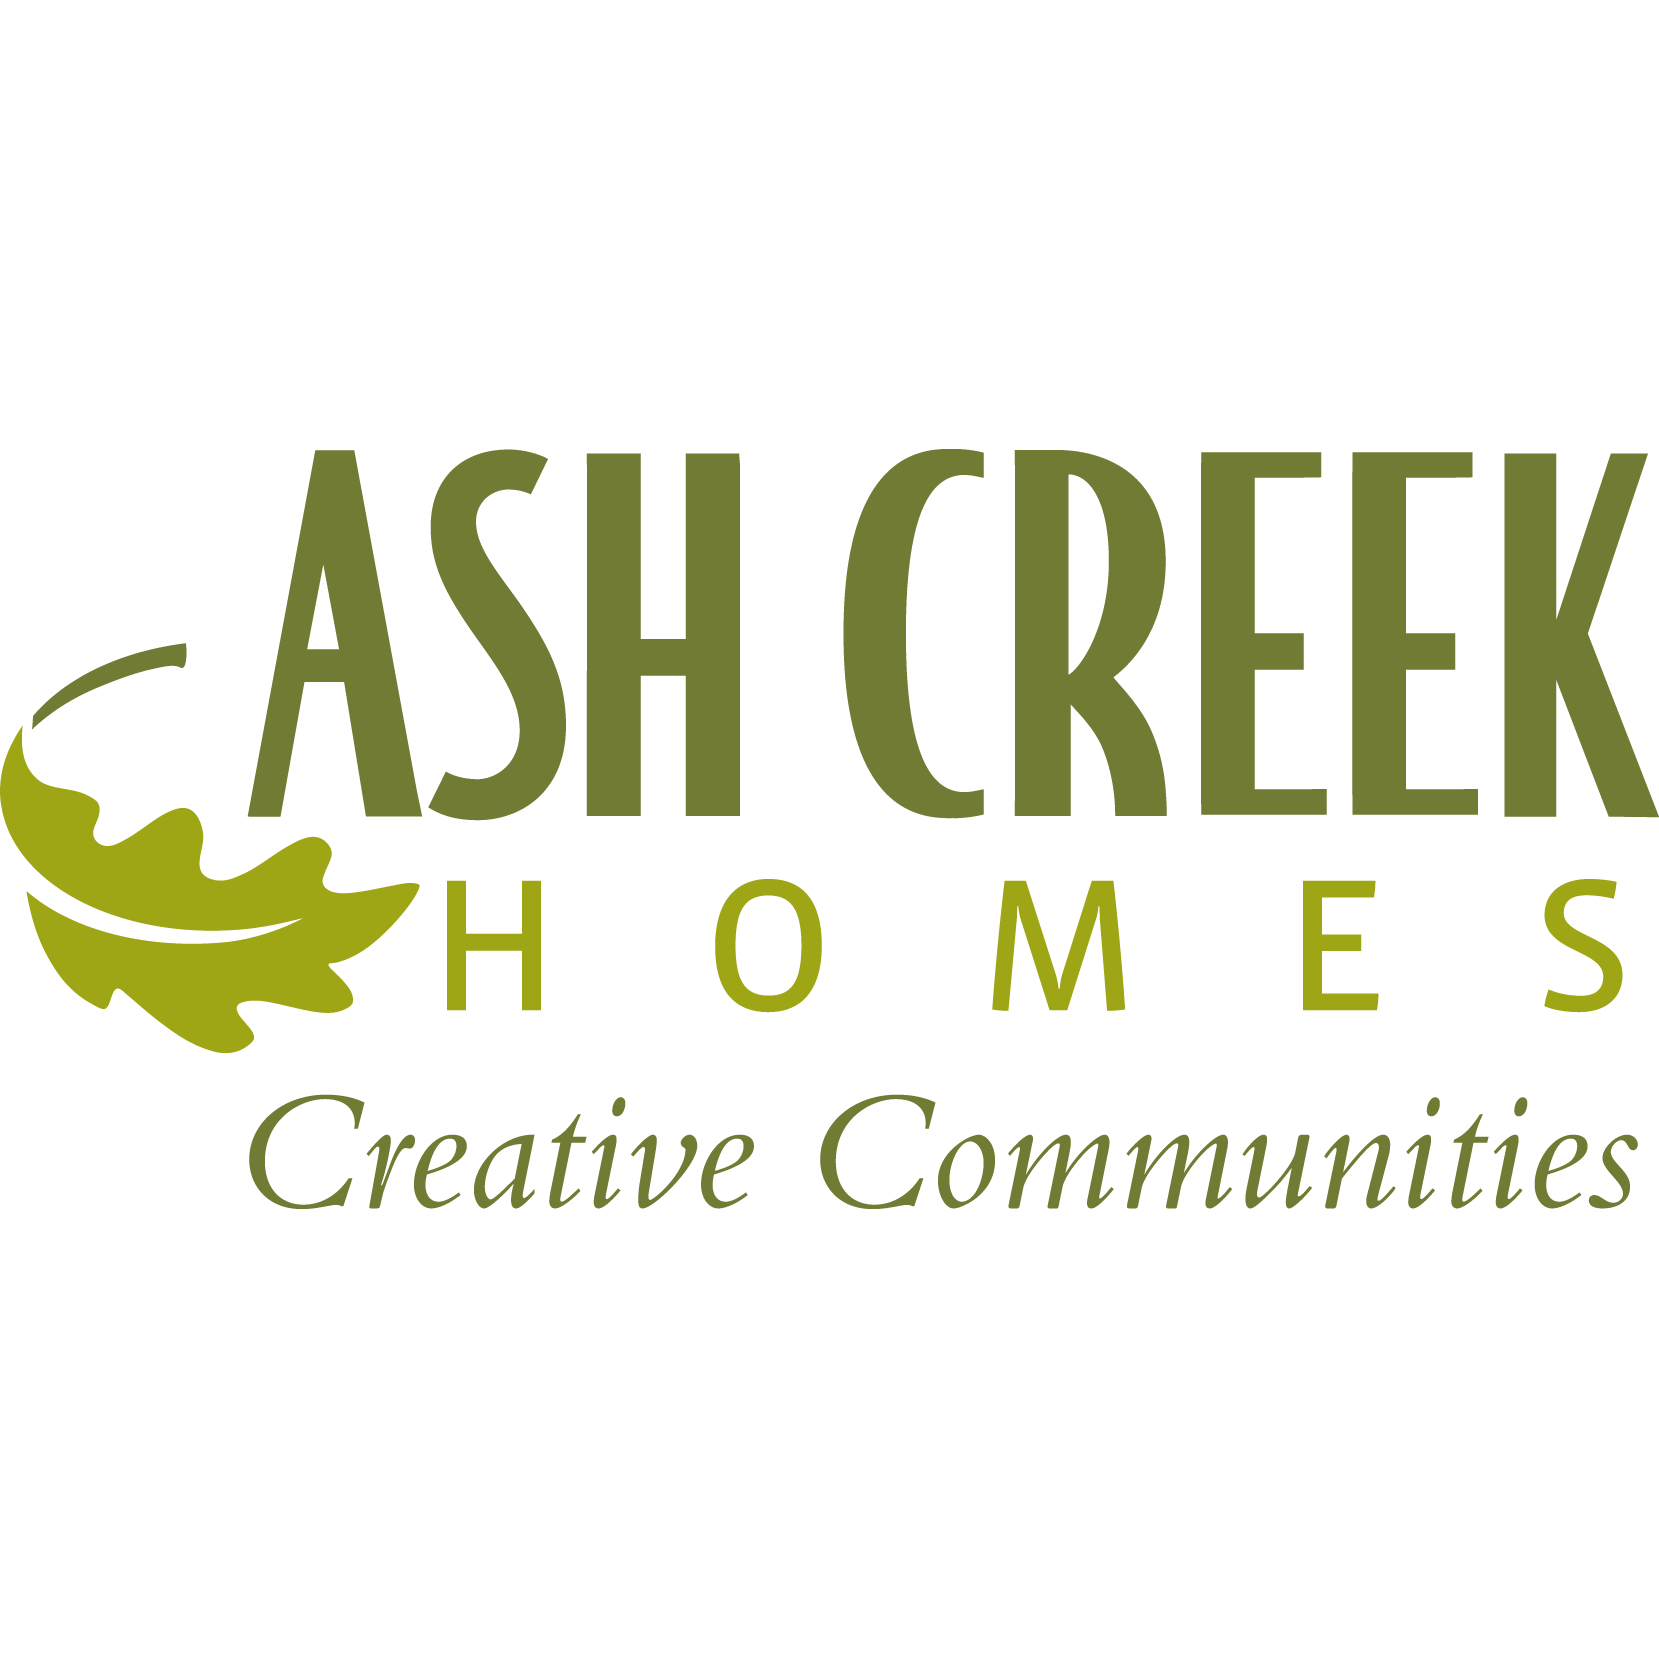 Ash Creek Homes